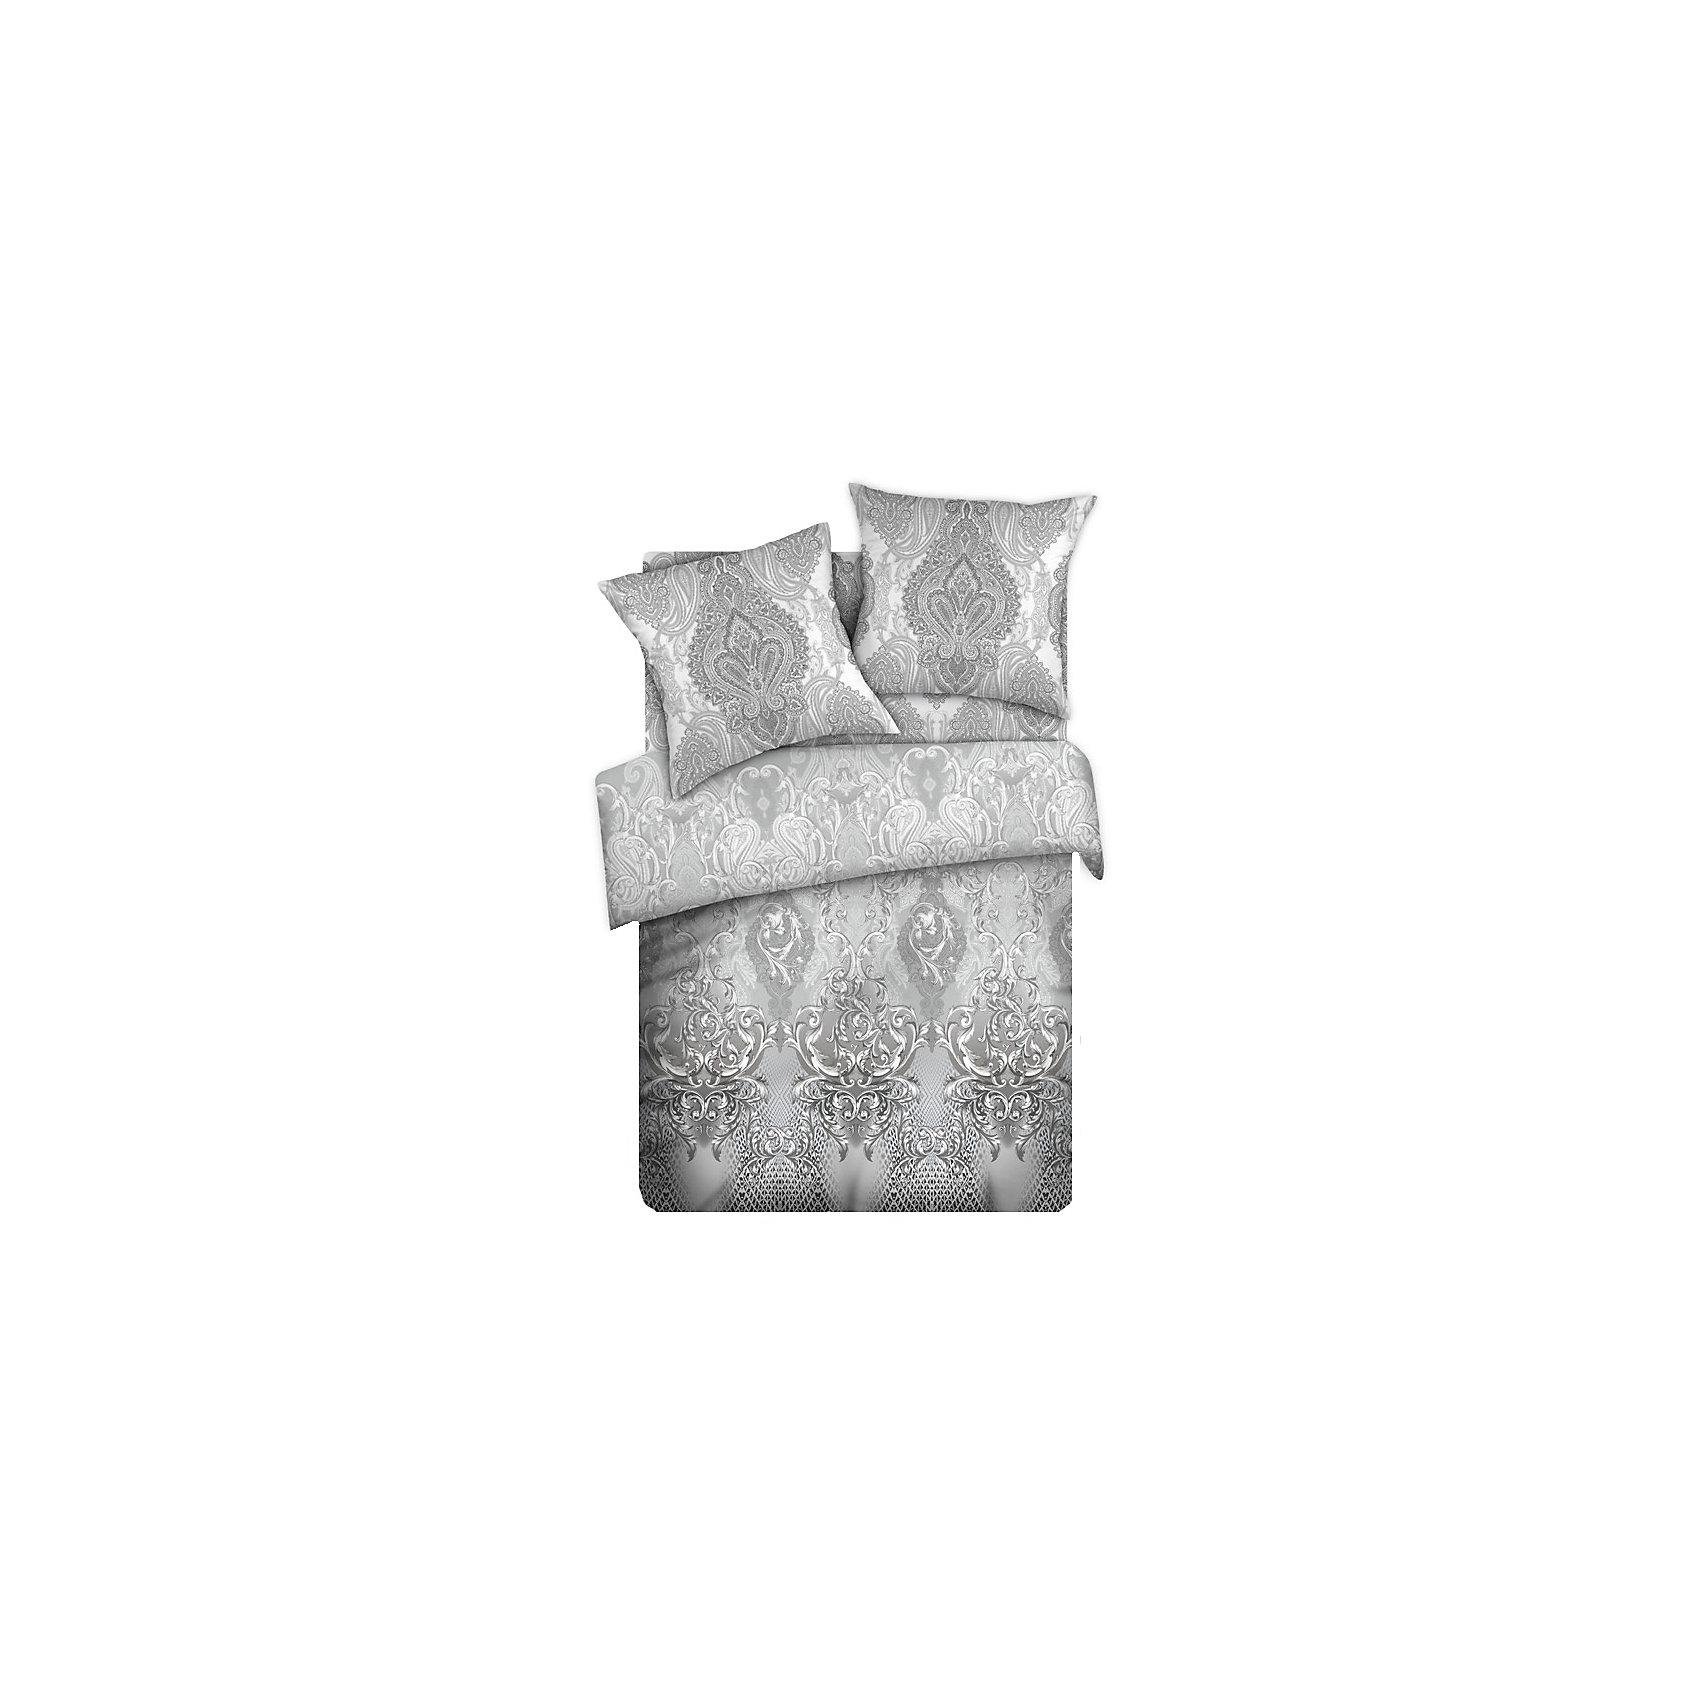 Постельное белье 2,0 Царственная дымка, перкаль Lux, Романтика Славы ЗайцеваДомашний текстиль<br>Постельное белье 2,0 Царственная дымка, перкаль Lux, Романтика Славы Зайцева<br><br>• декорировано ярким принтом<br>• пропускает воздух<br>• выводит лишнюю влагу<br>• материал: перкаль<br>• состав: 100% хлопок<br>• в комплекте: пододеяльник, простынь, наволочка (2 шт.)<br>• размер пододеяльника: 215х175 см<br>• размер простыни: 220х240 см<br>• размер наволочки: 70х70 см<br>• тип печати: реактивная<br>• материал: хлопок<br>• вес: 1800 грамм<br><br>Постельное белье Царственная дымка позаботится о вашем комфорте в течение всей ночи. Комплект изготовлен из материала Lux перкаль, известного своей прочностью и мягкостью. Ткань хорошо пропускает воздух и отводит лишнюю влагу, позволяя коже дышать. Комплект оформлен приятным узором, который украсит интерьер спальни. Дизайн комплекта создан при участии Вячеслава Зайцева.<br><br>Постельное белье 2,0 Царственная дымка, перкаль Lux, Романтика Славы Зайцева можно купить в нашем интернет-магазине.<br><br>Ширина мм: 500<br>Глубина мм: 250<br>Высота мм: 500<br>Вес г: 1800<br>Возраст от месяцев: 216<br>Возраст до месяцев: 1188<br>Пол: Унисекс<br>Возраст: Детский<br>SKU: 5569278